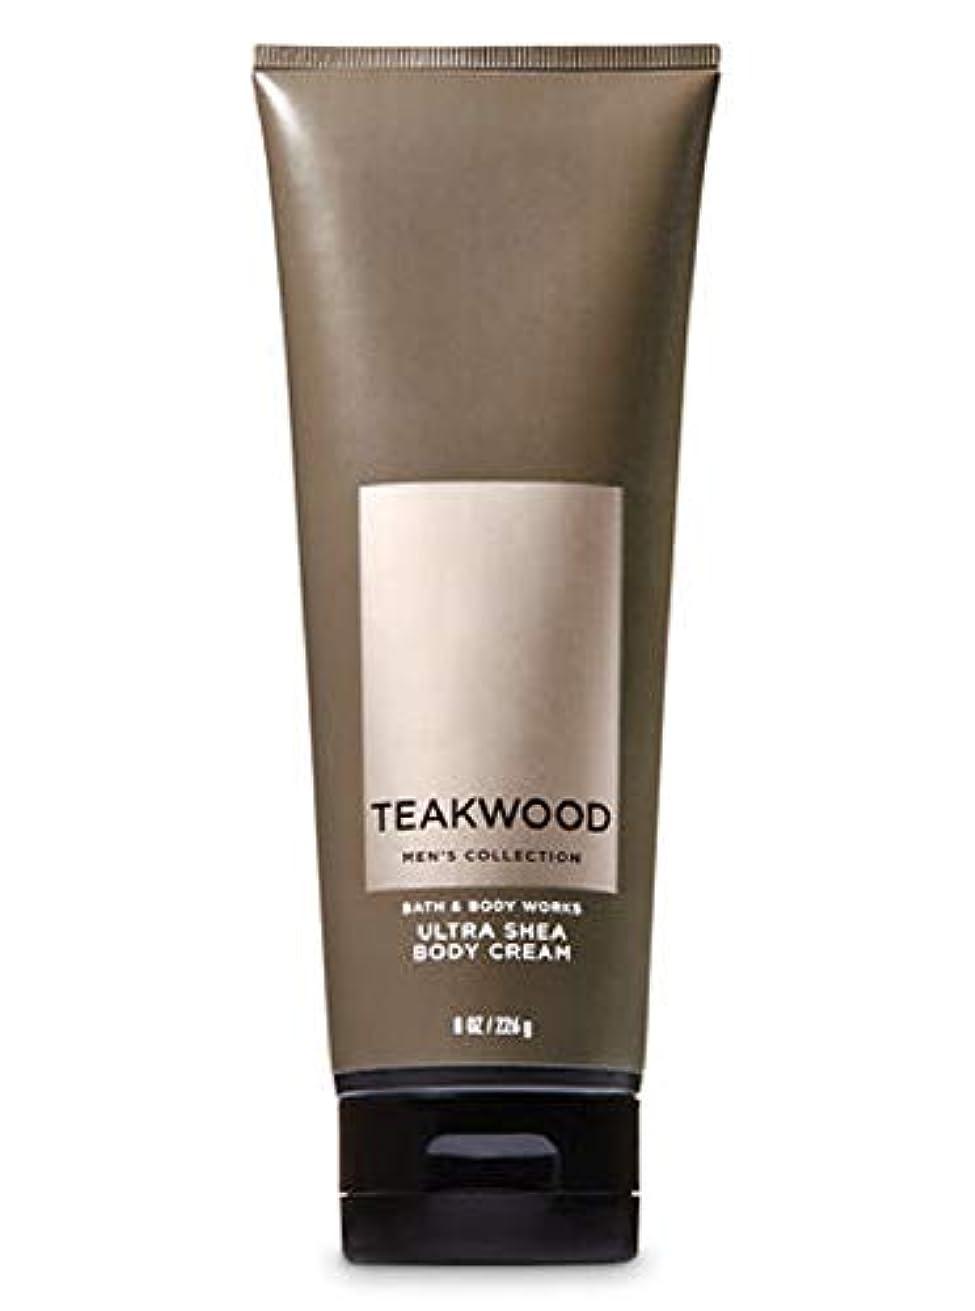 軍団激しい休憩する【並行輸入品】Bath & Body Works Men's Ultra Shea Body Cream in TEAKWOOD 226 g